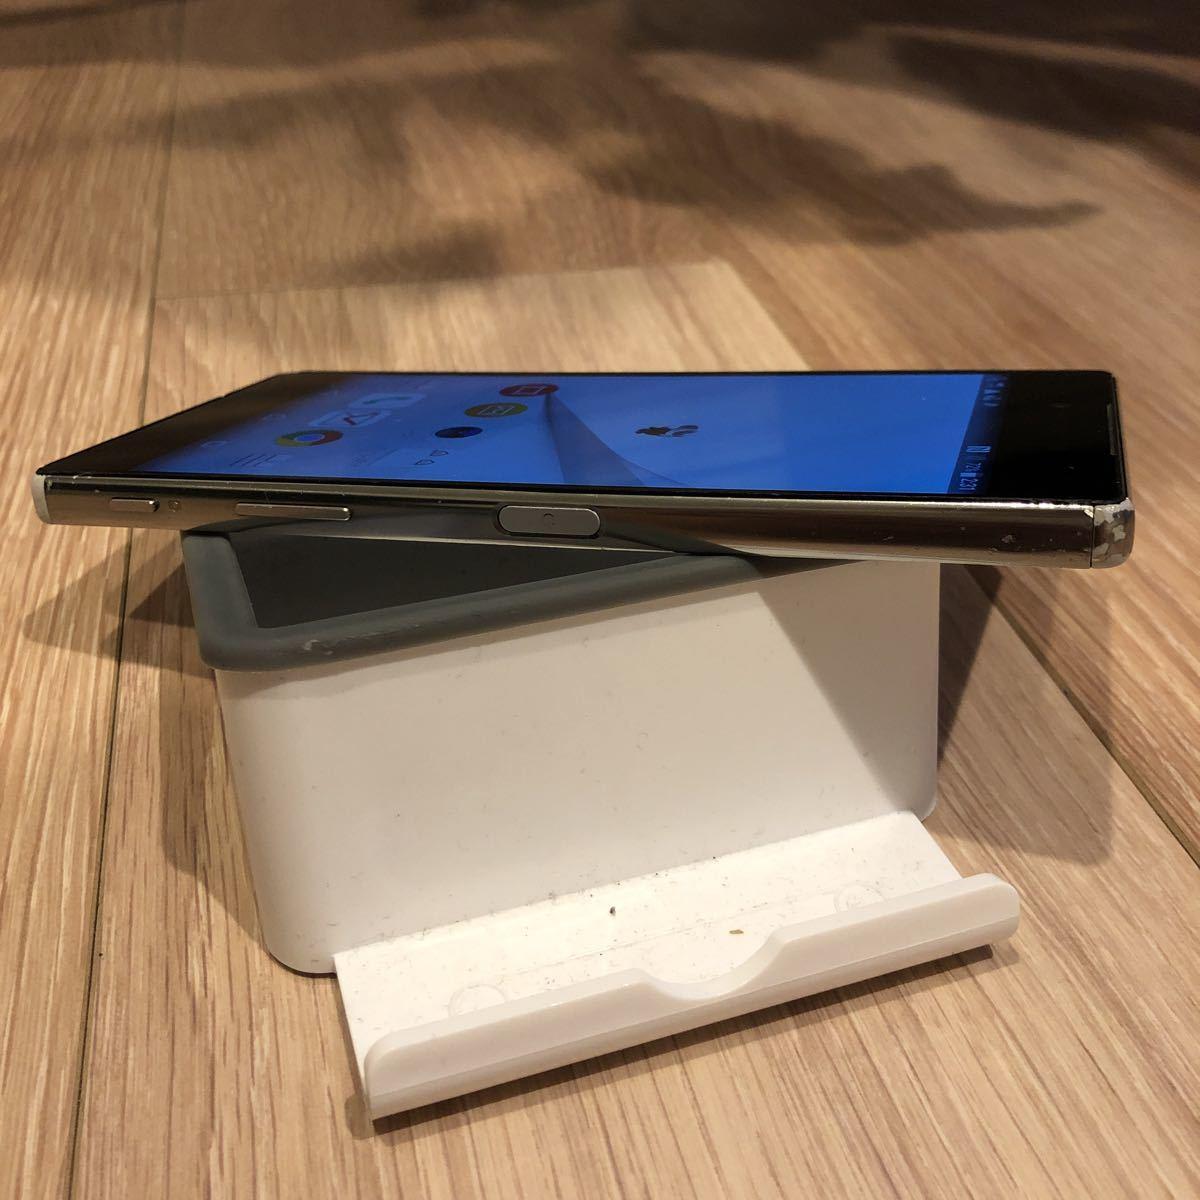 ★1円スタート!【即決あり】docomo/Sony Mobile Xperia Z5 Premium SO-03H(クローム)⑦_画像6